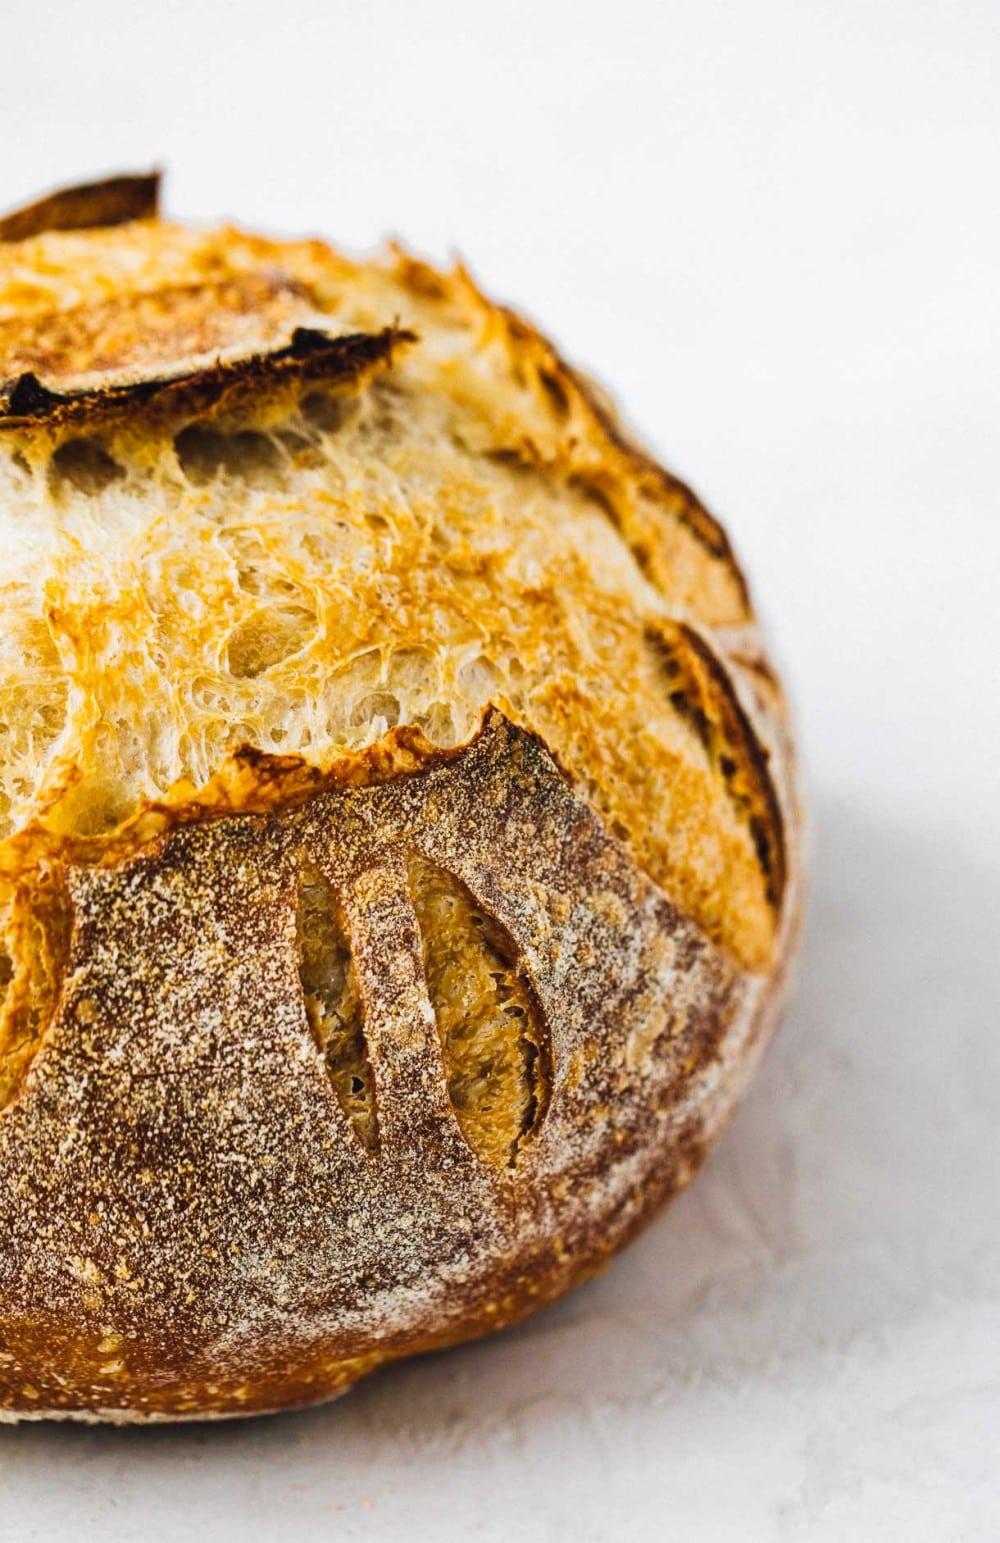 sourdough bread side angle